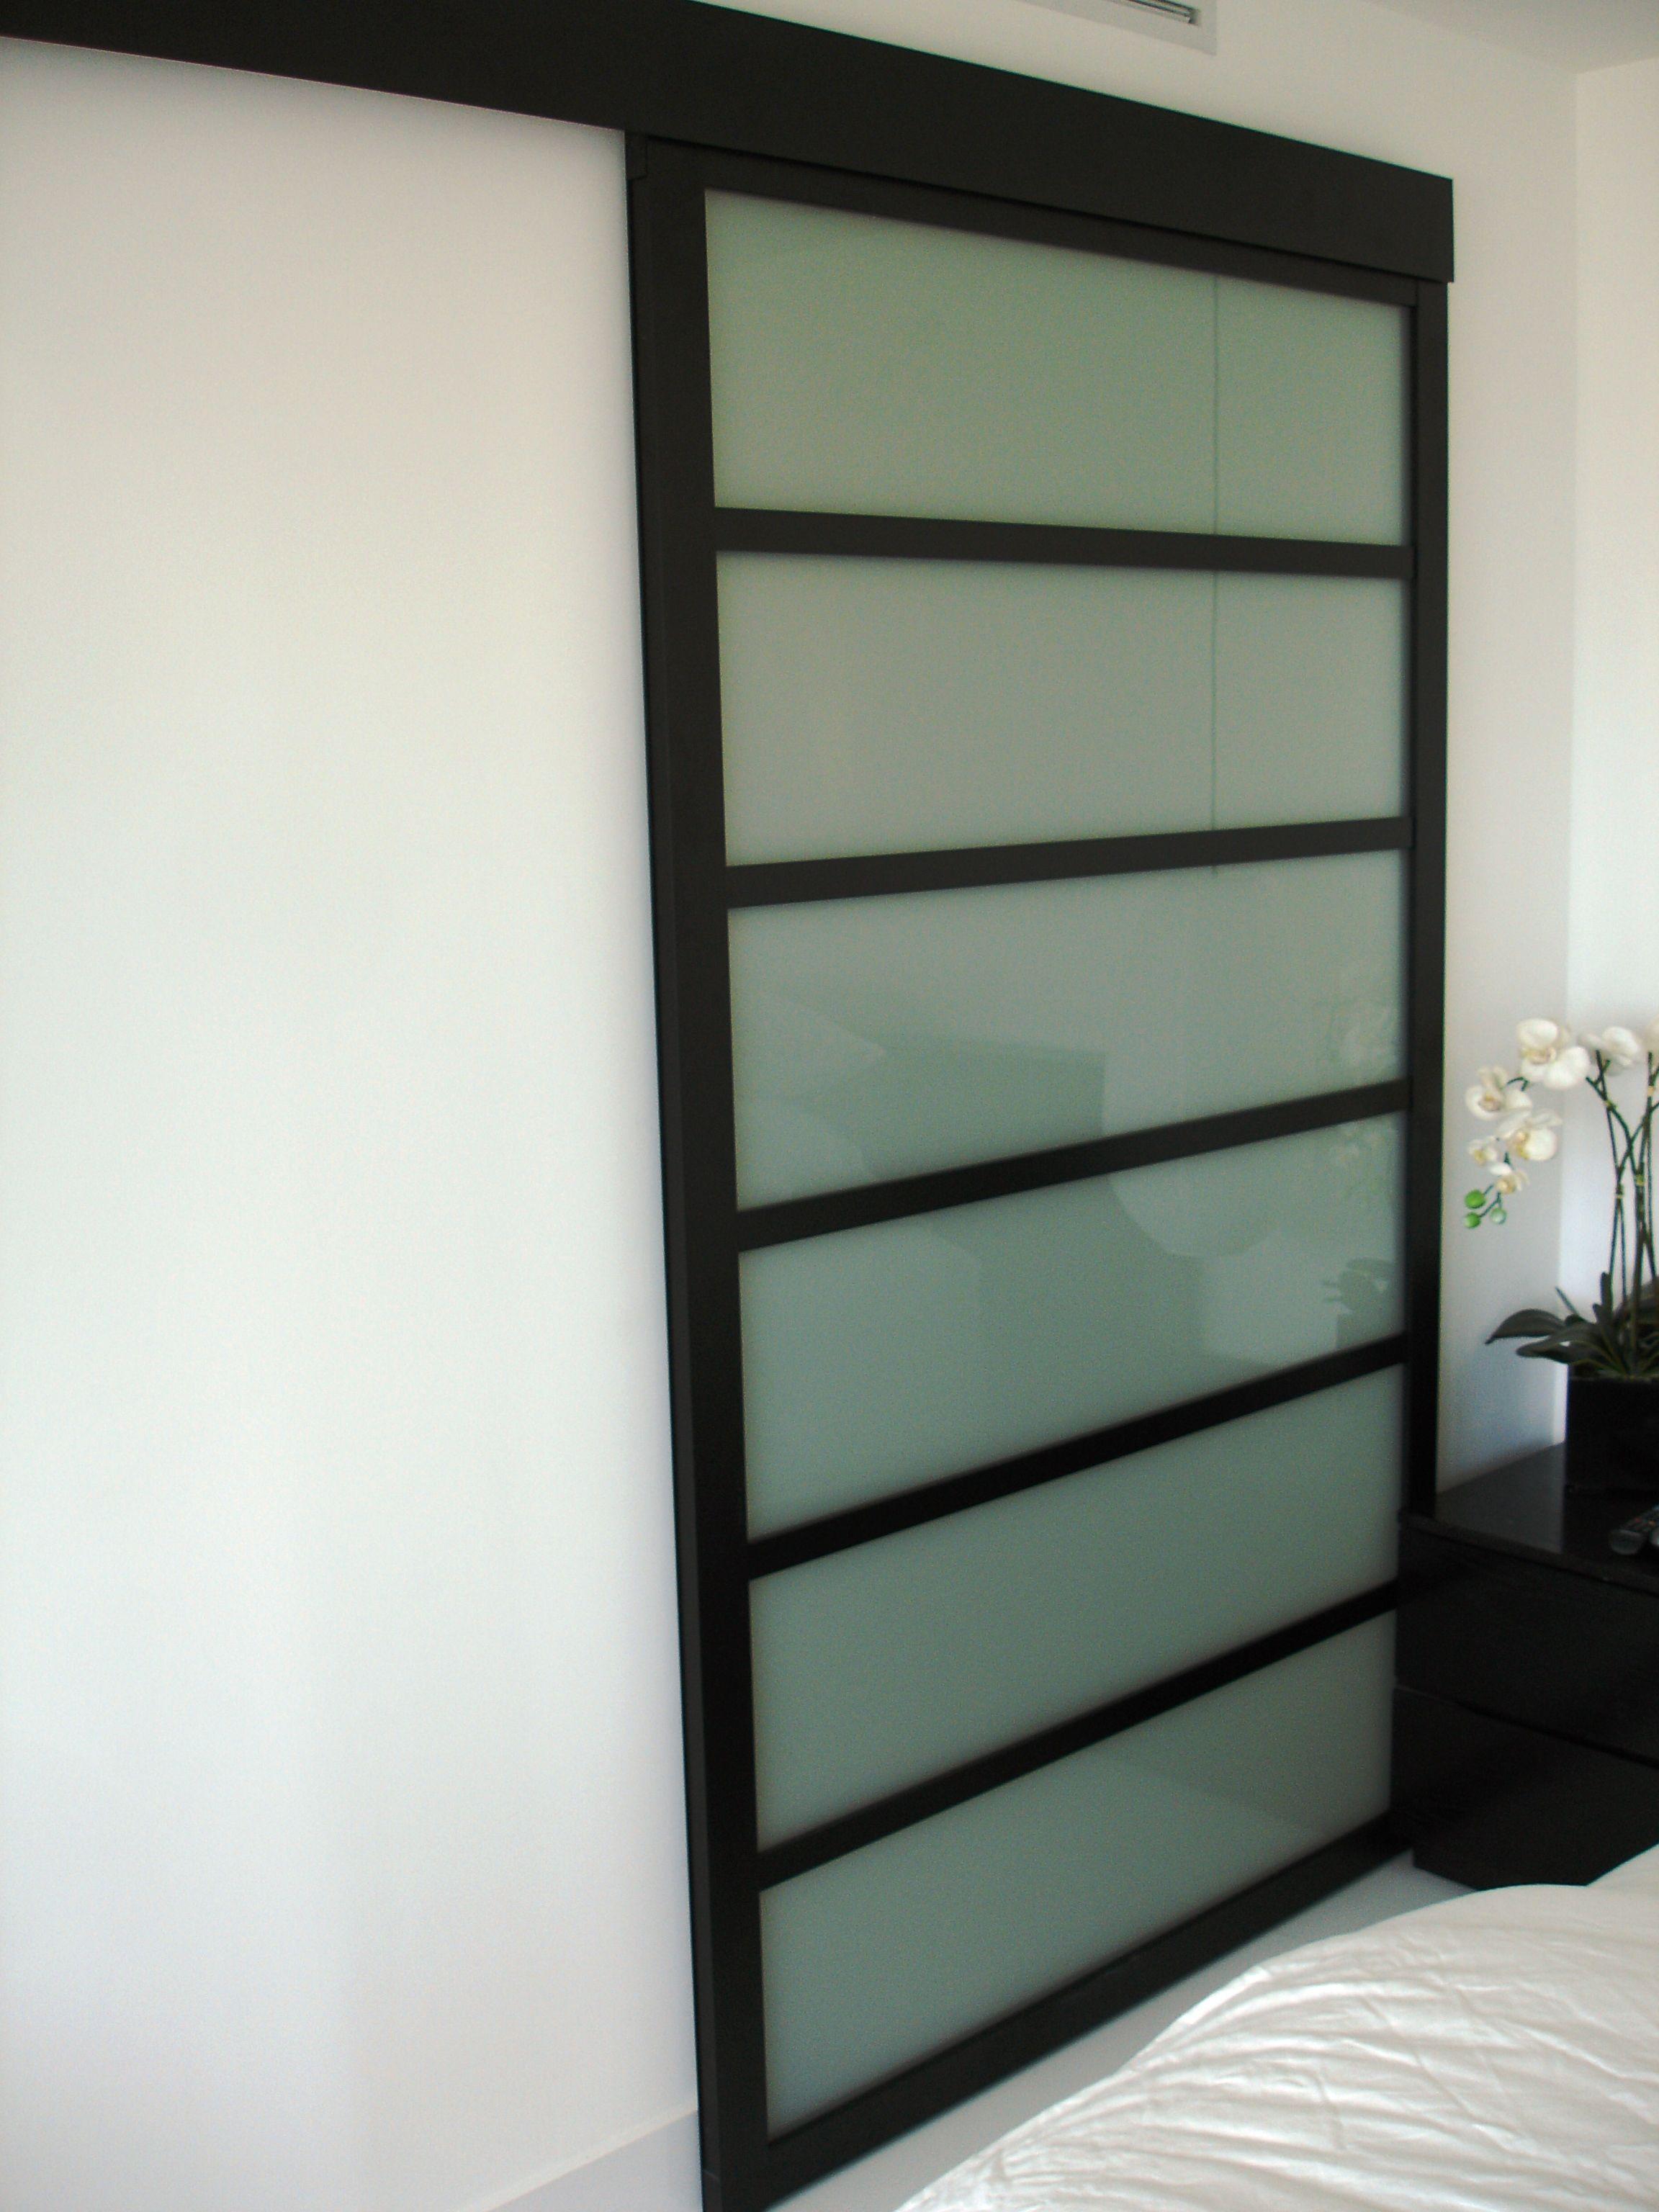 Shoji Inspired Glass Wall Slide For Master Bed And Bath Sliding Glass Door Floating Glass Shelves Glass Shelves Decor